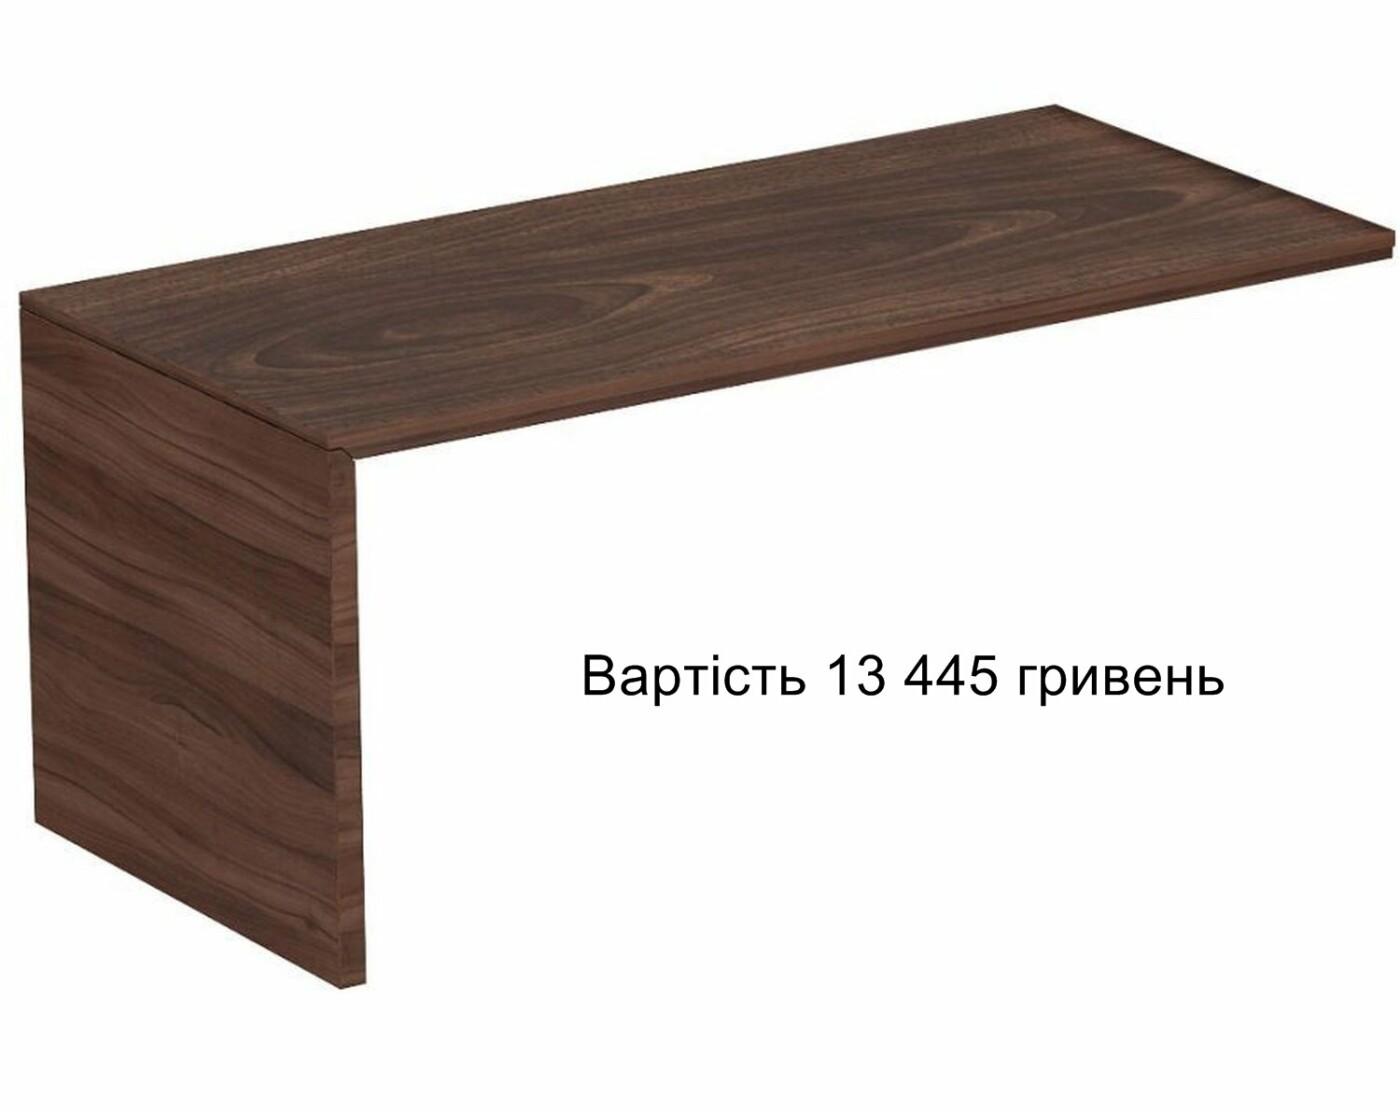 Кабинет директора запорожского аэропорта обставят мебелью за $10000, фото-4